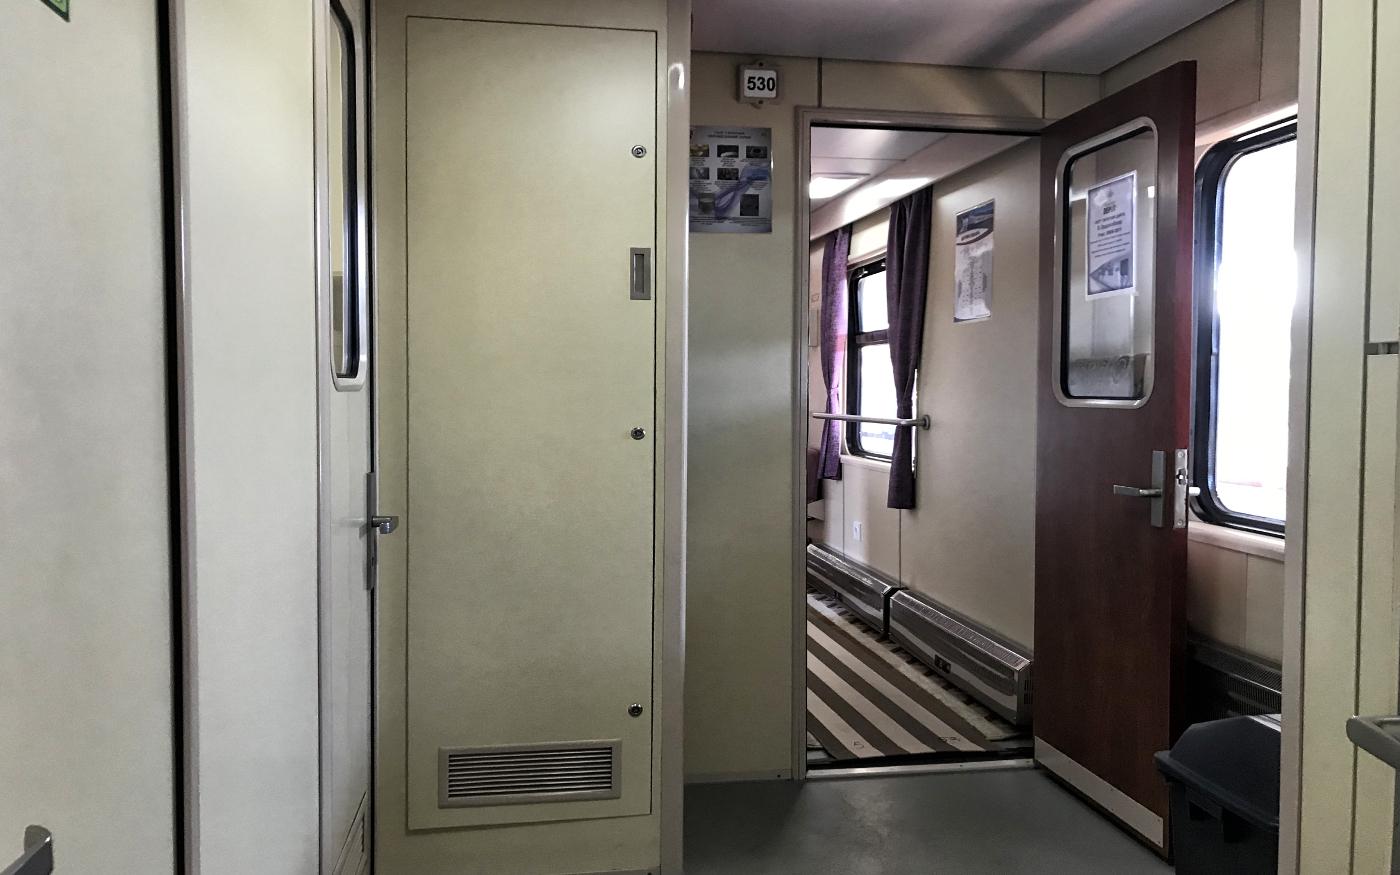 Wejście do wagonu transsyberyjskiego